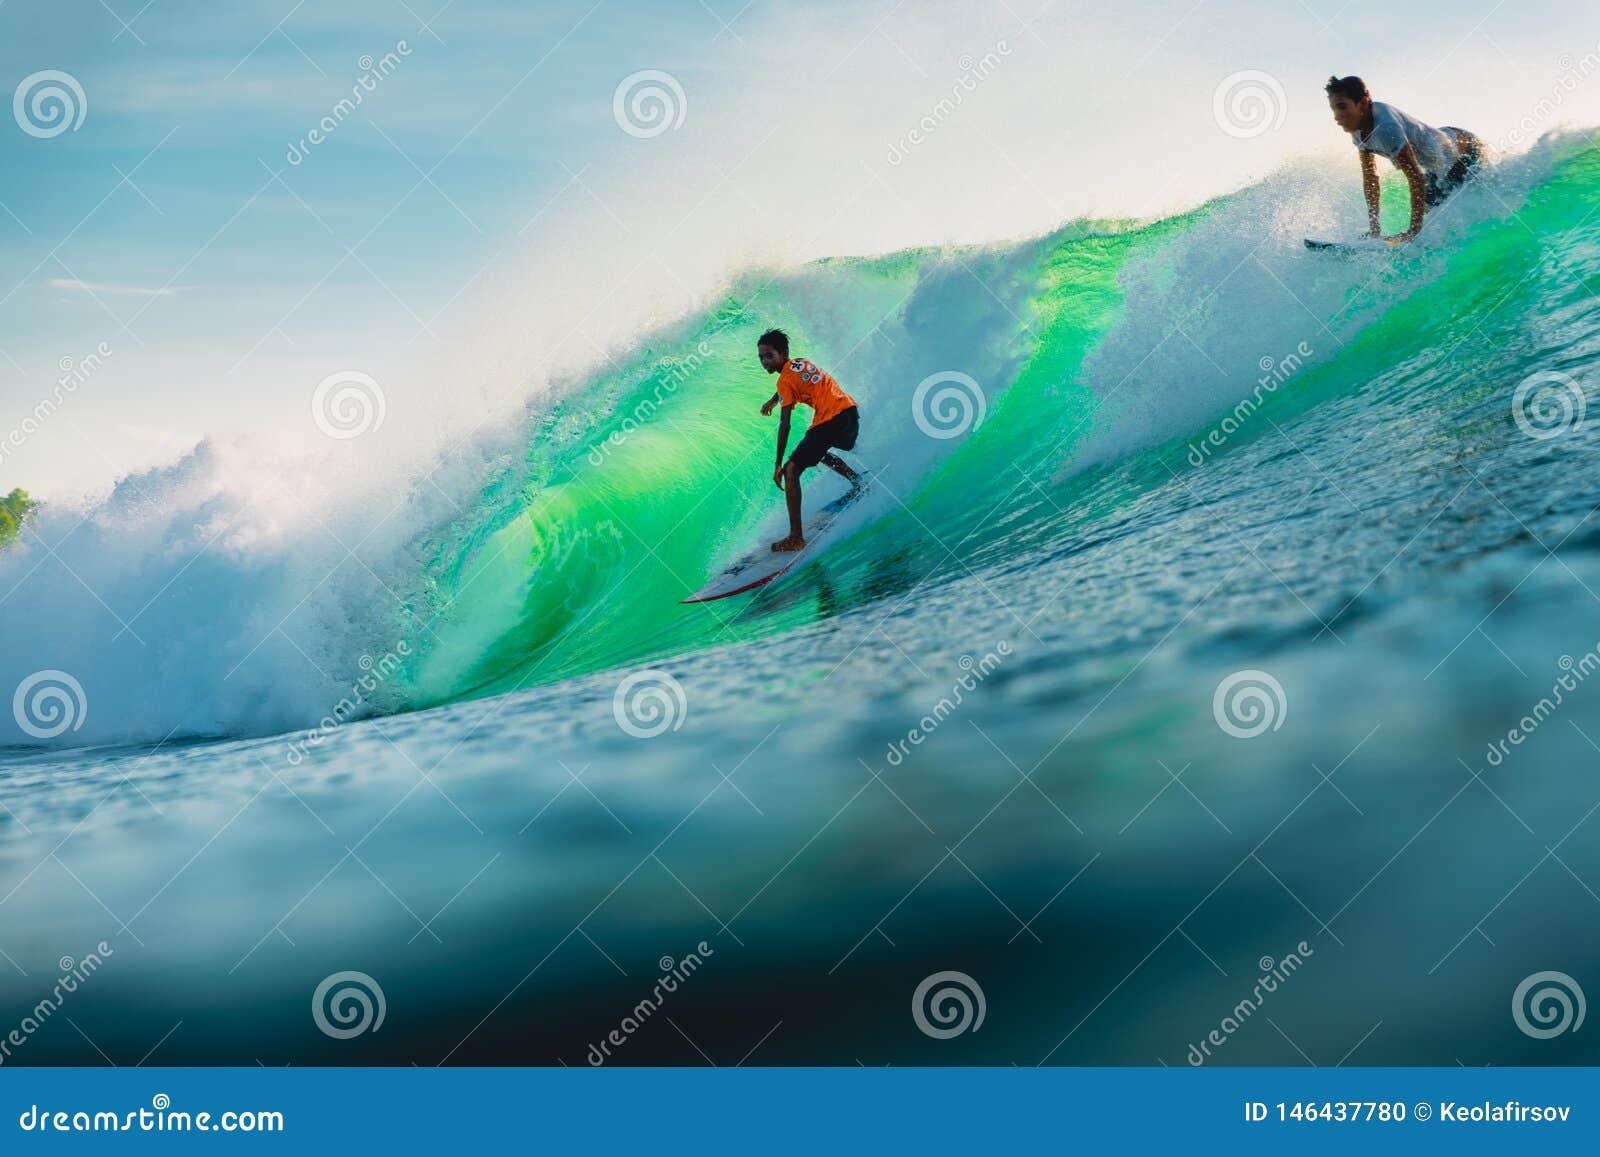 25 avril 2019 Bali, Indon?sie Tour de surfer sur la vague de baril Surfer professionnel avec les ressacs id?aux ? la plage de Bin